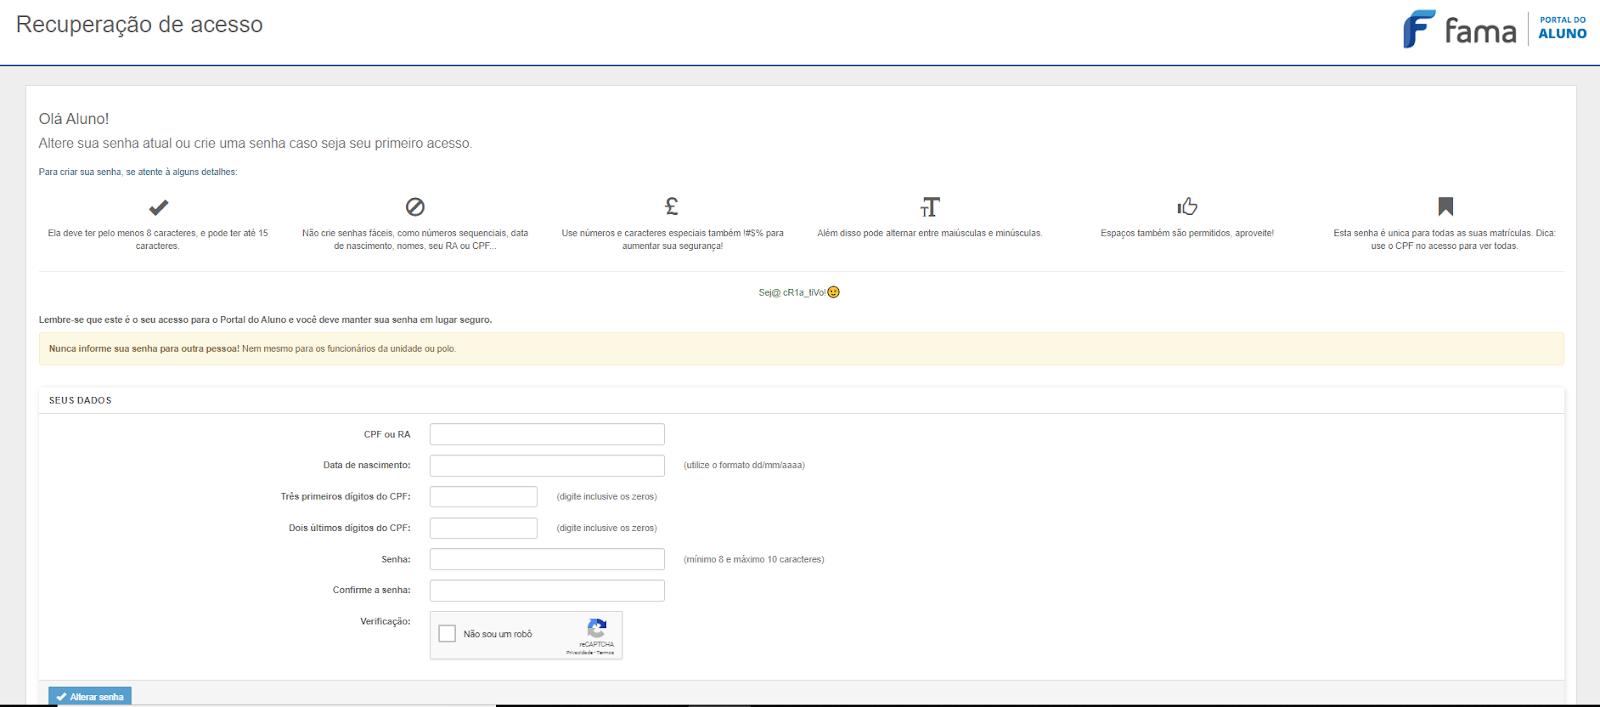 Primeiro acesso portal do aluno Fama